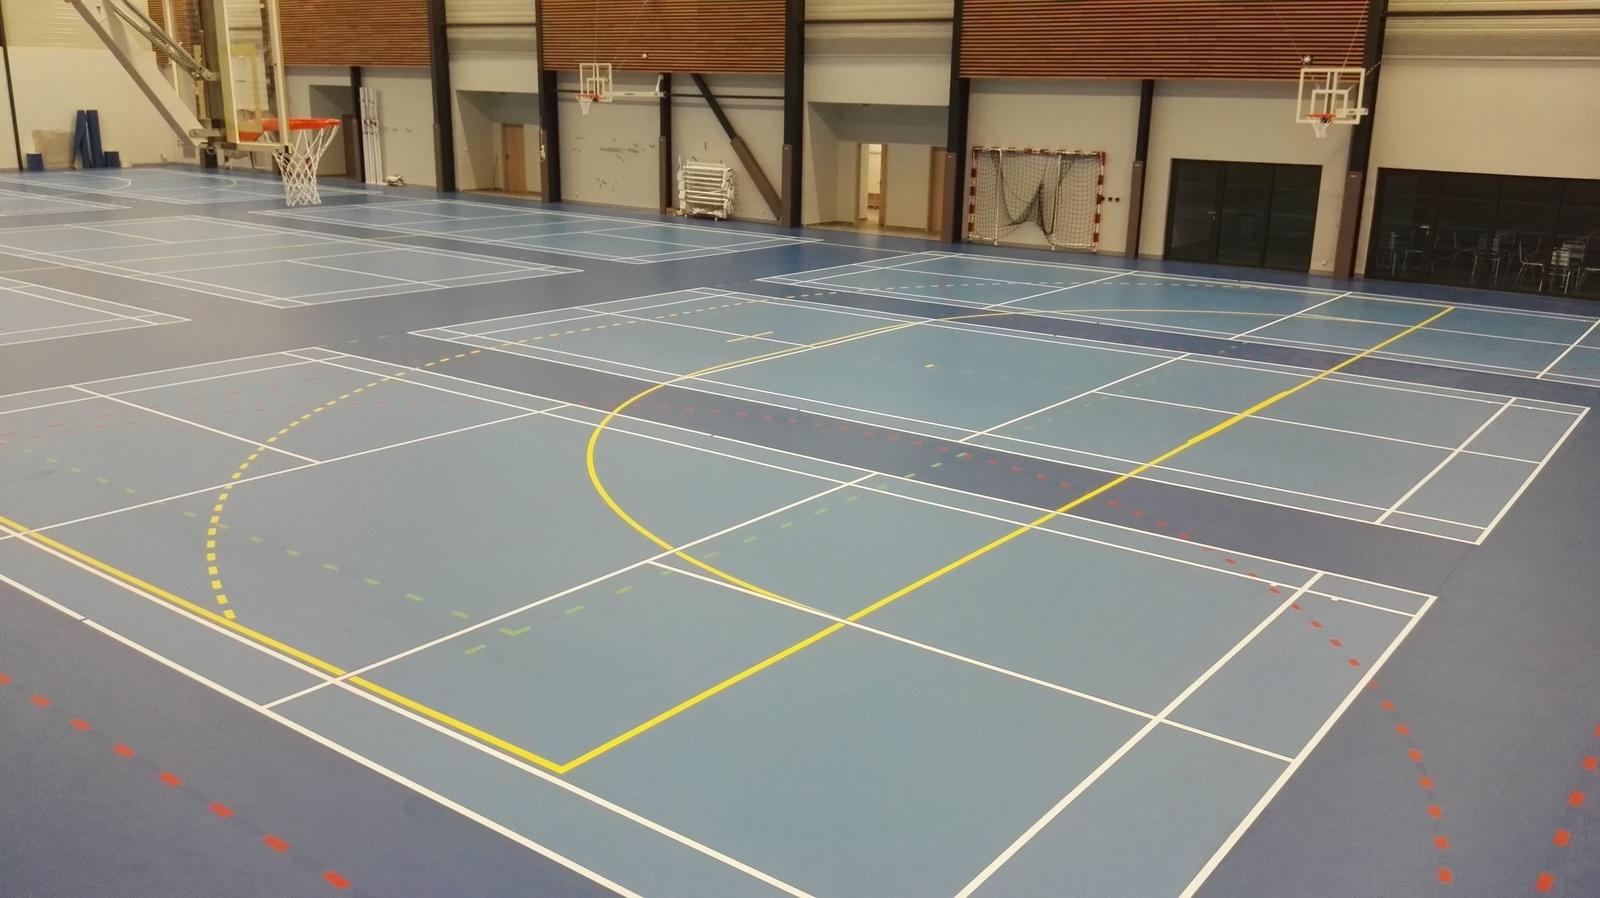 Tracés de badminton